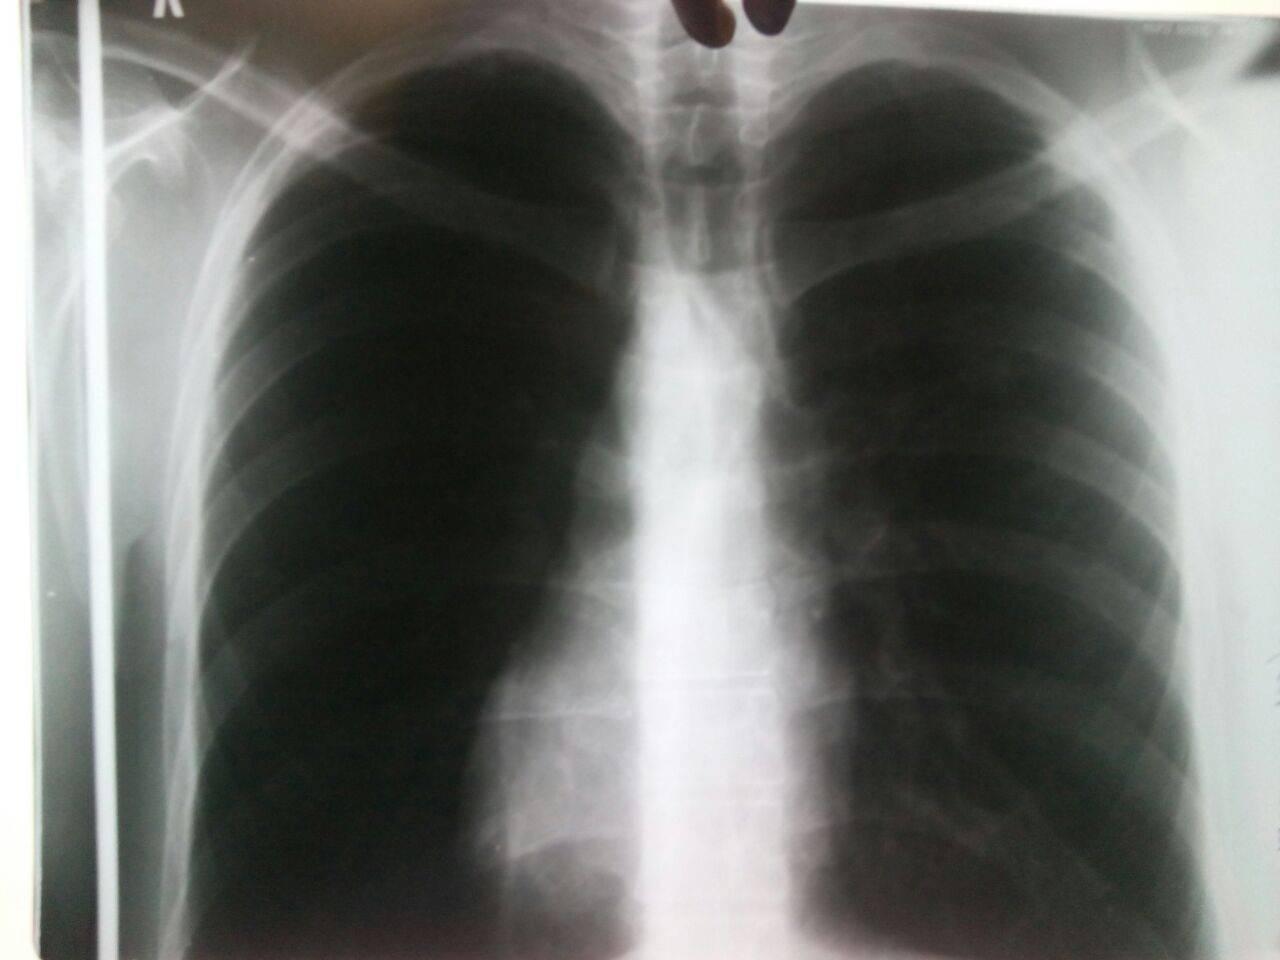 Рентген легких здорового человека - что видно на снимках